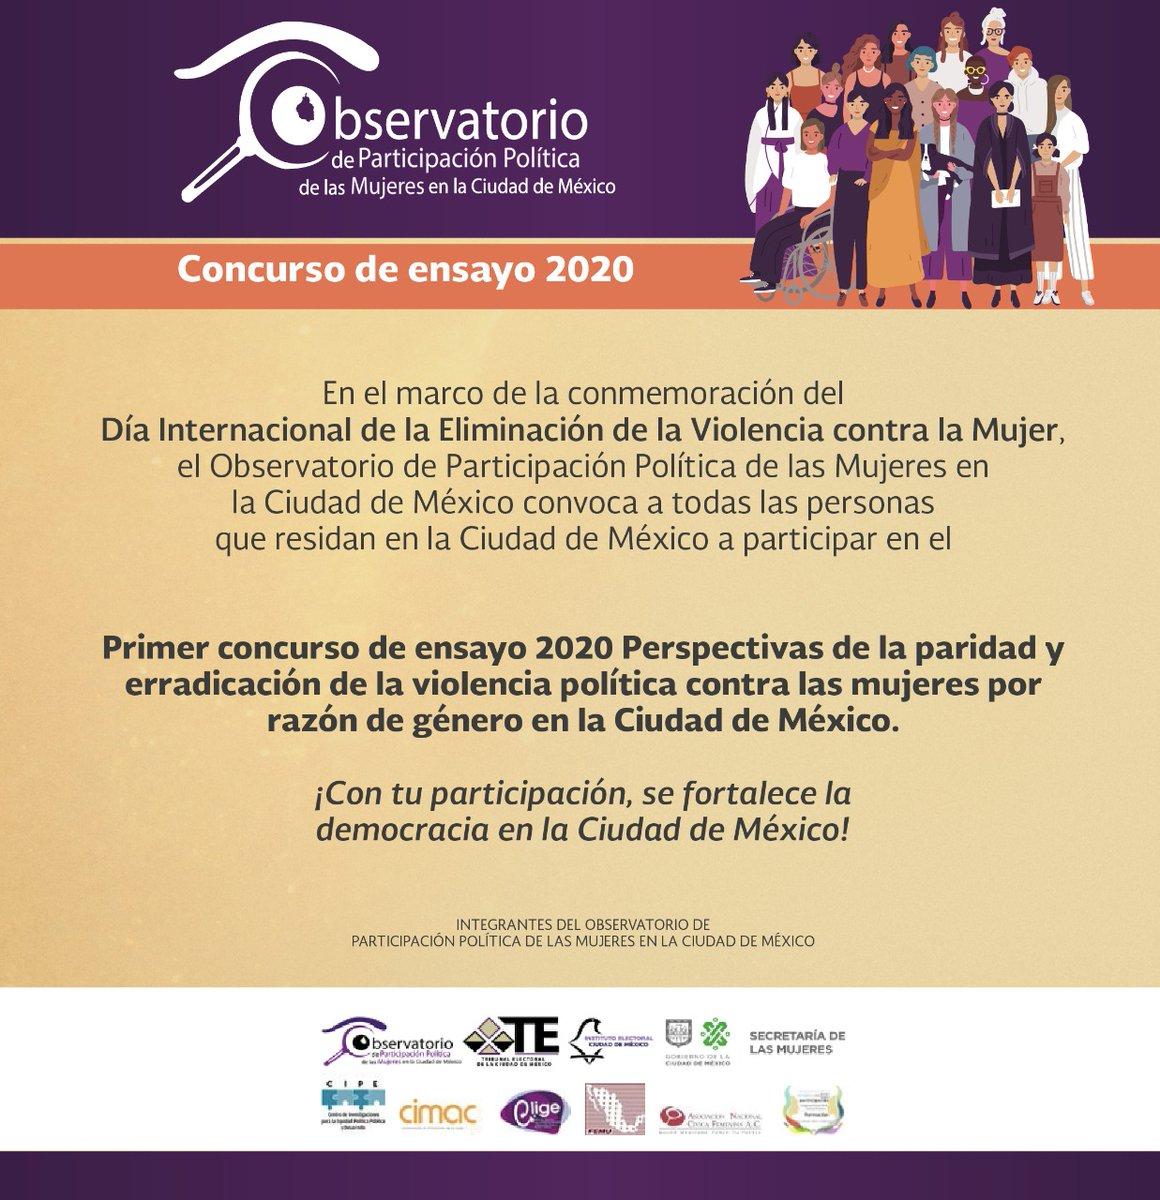 📢#CONVOCATORIA   Participa en el Primer #Concurso de ensayo 2020: 'Perspectivas de la #Paridad y erradicación de la #ViolenciaPolítica contra las #Mujeres por razón de género en la #CDMX'!.   🗓️Fecha límite 30 de octubre del 2020.  📄Revisa las bases en: https://t.co/j4DVSVXAP6 https://t.co/9MFnBcOHnI